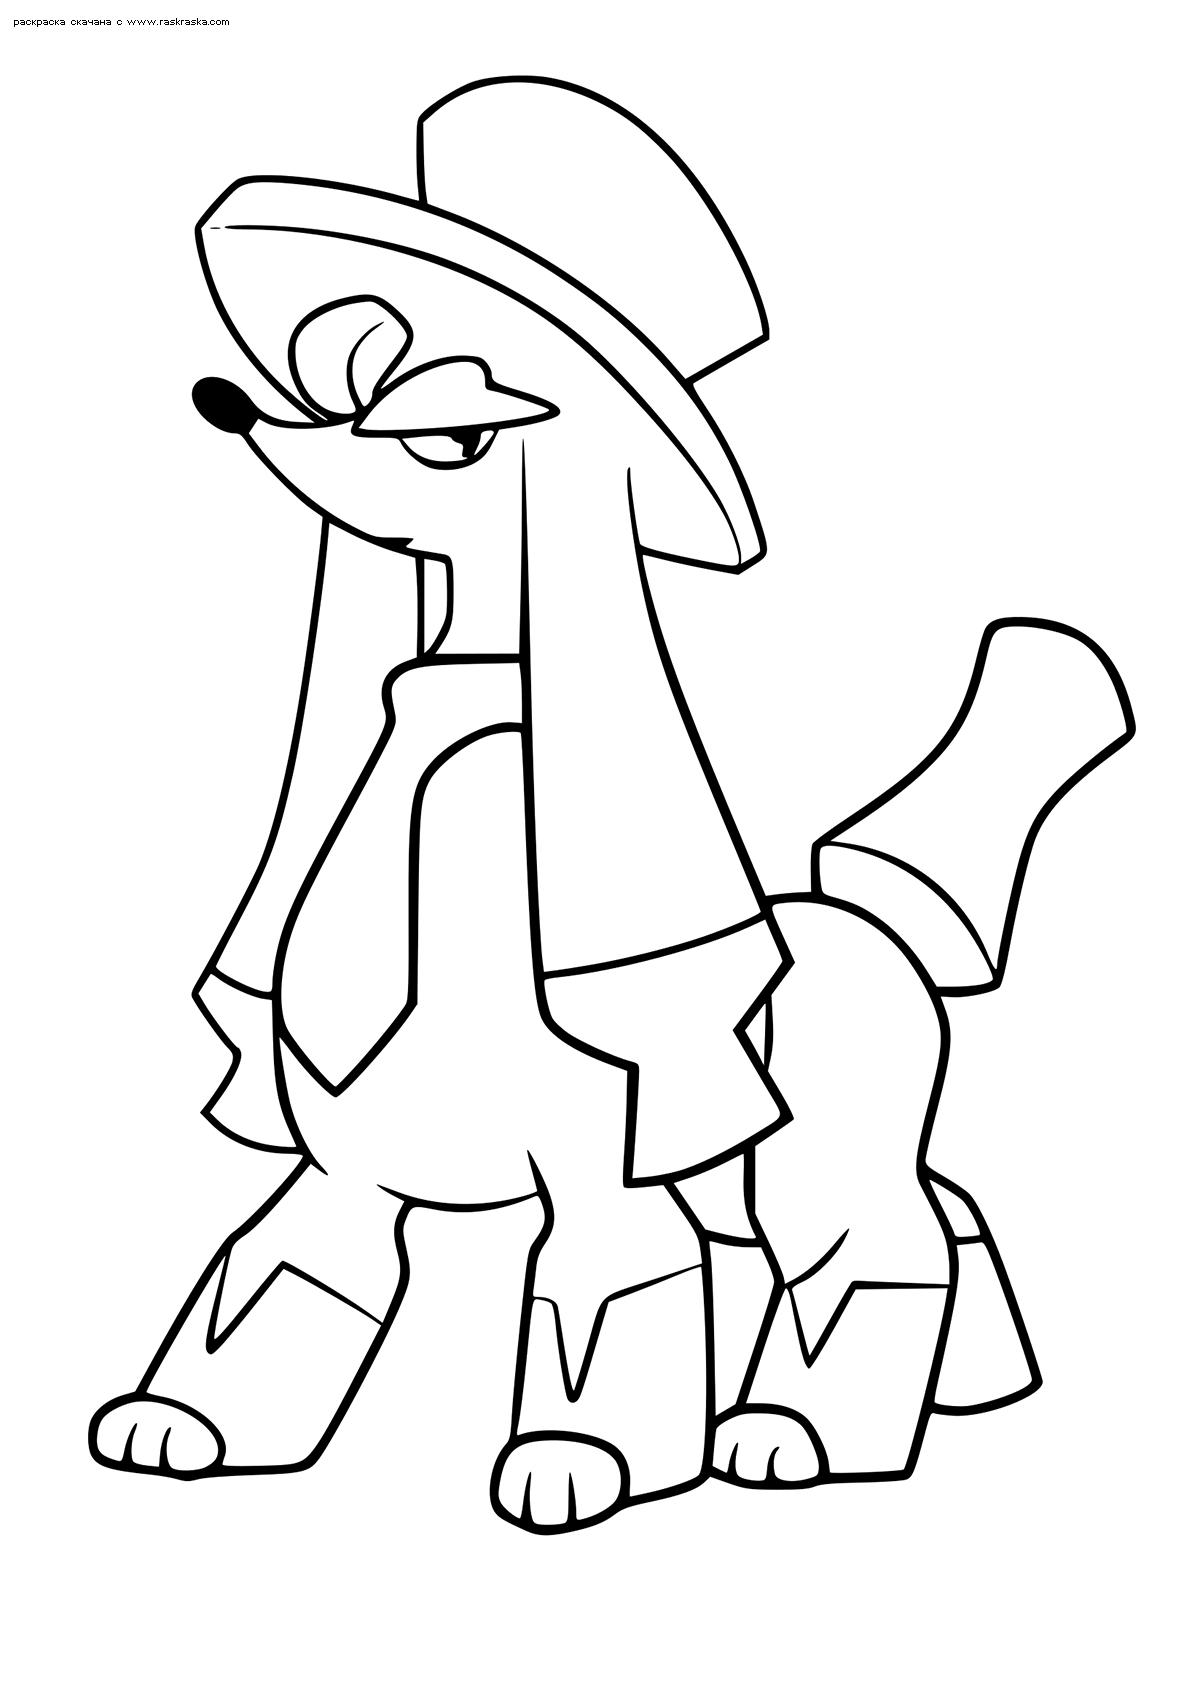 Раскраска Покемон Фурфу (Furfrou). Стиль денди. Раскраска Покемон